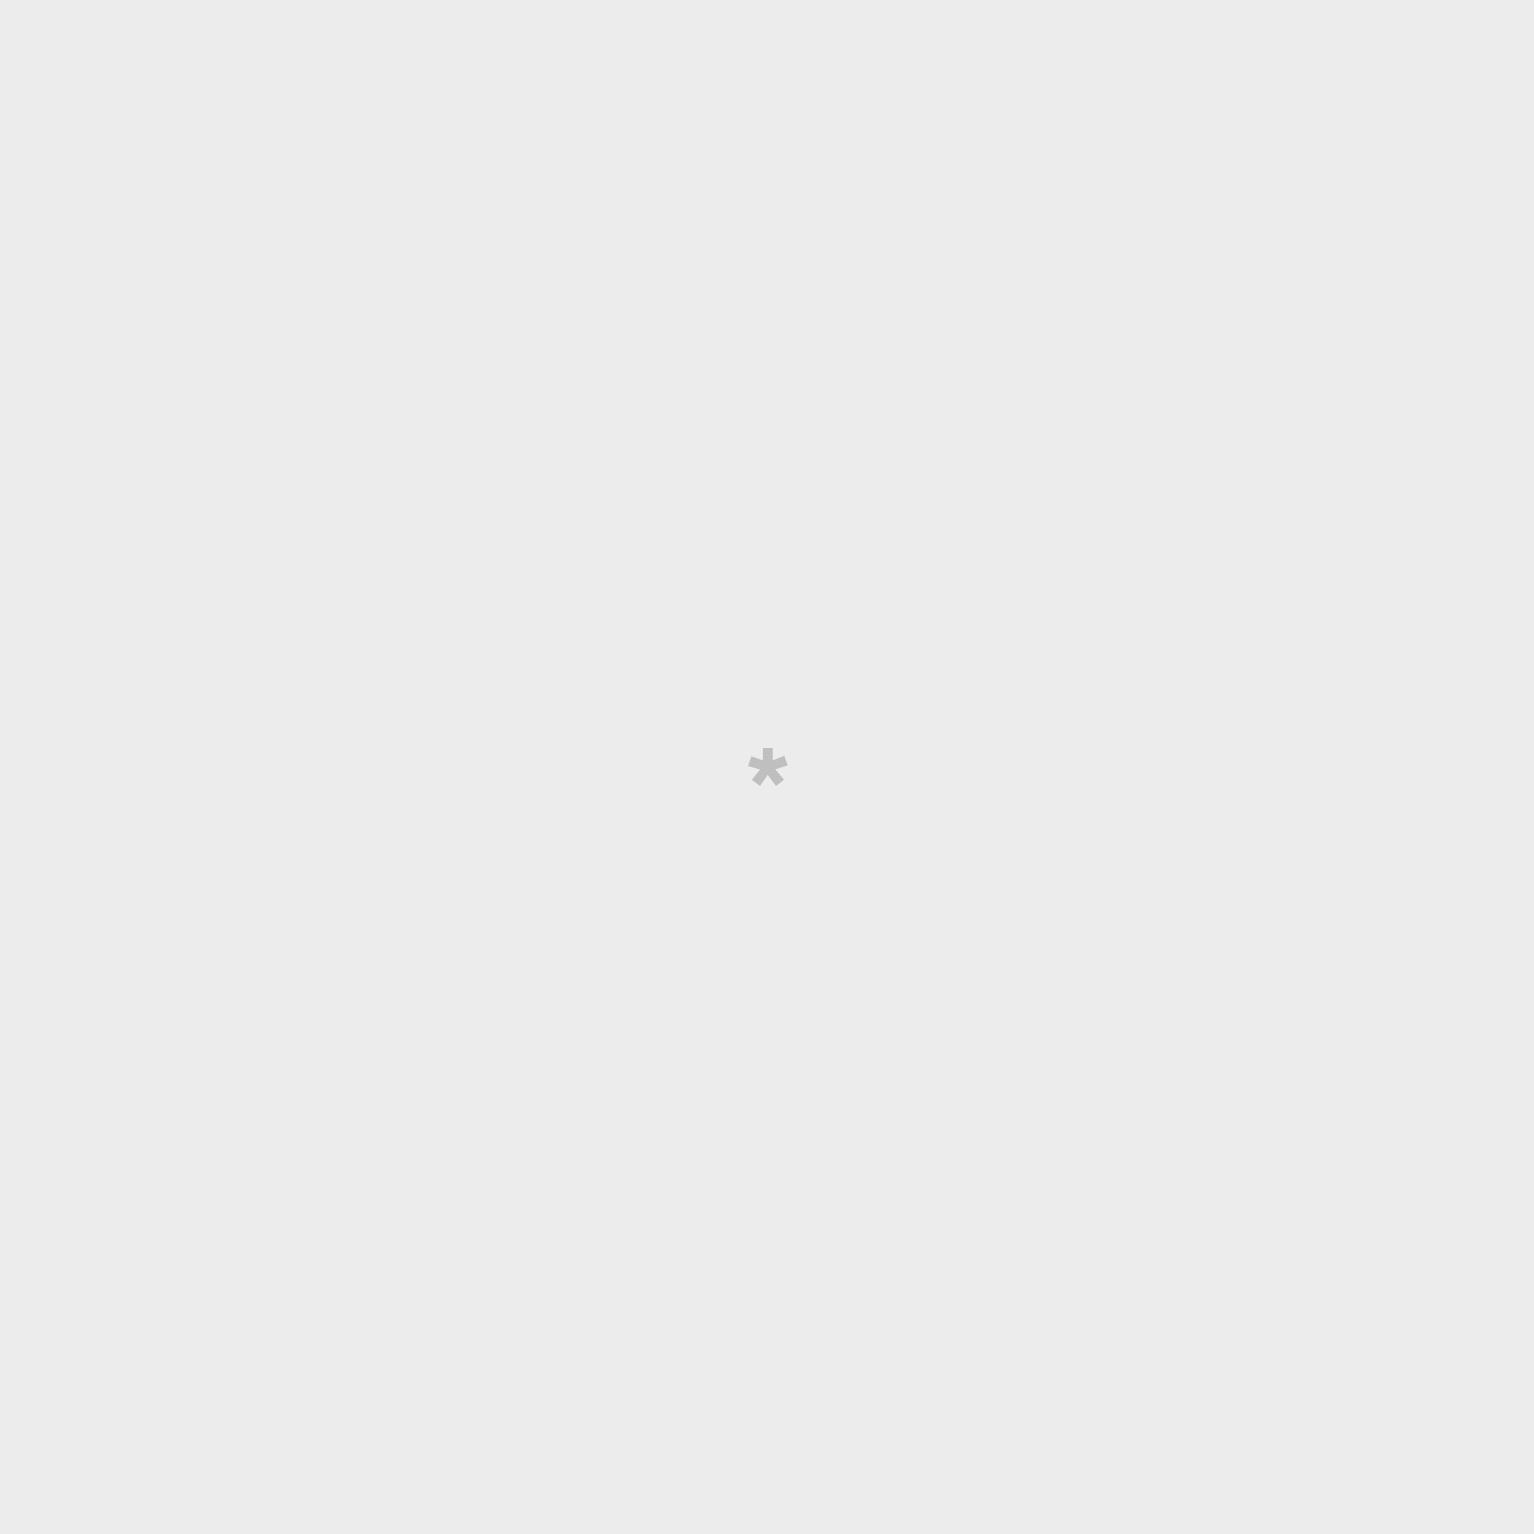 Portadocumentos de viaje - ¡Que empiece la aventura!